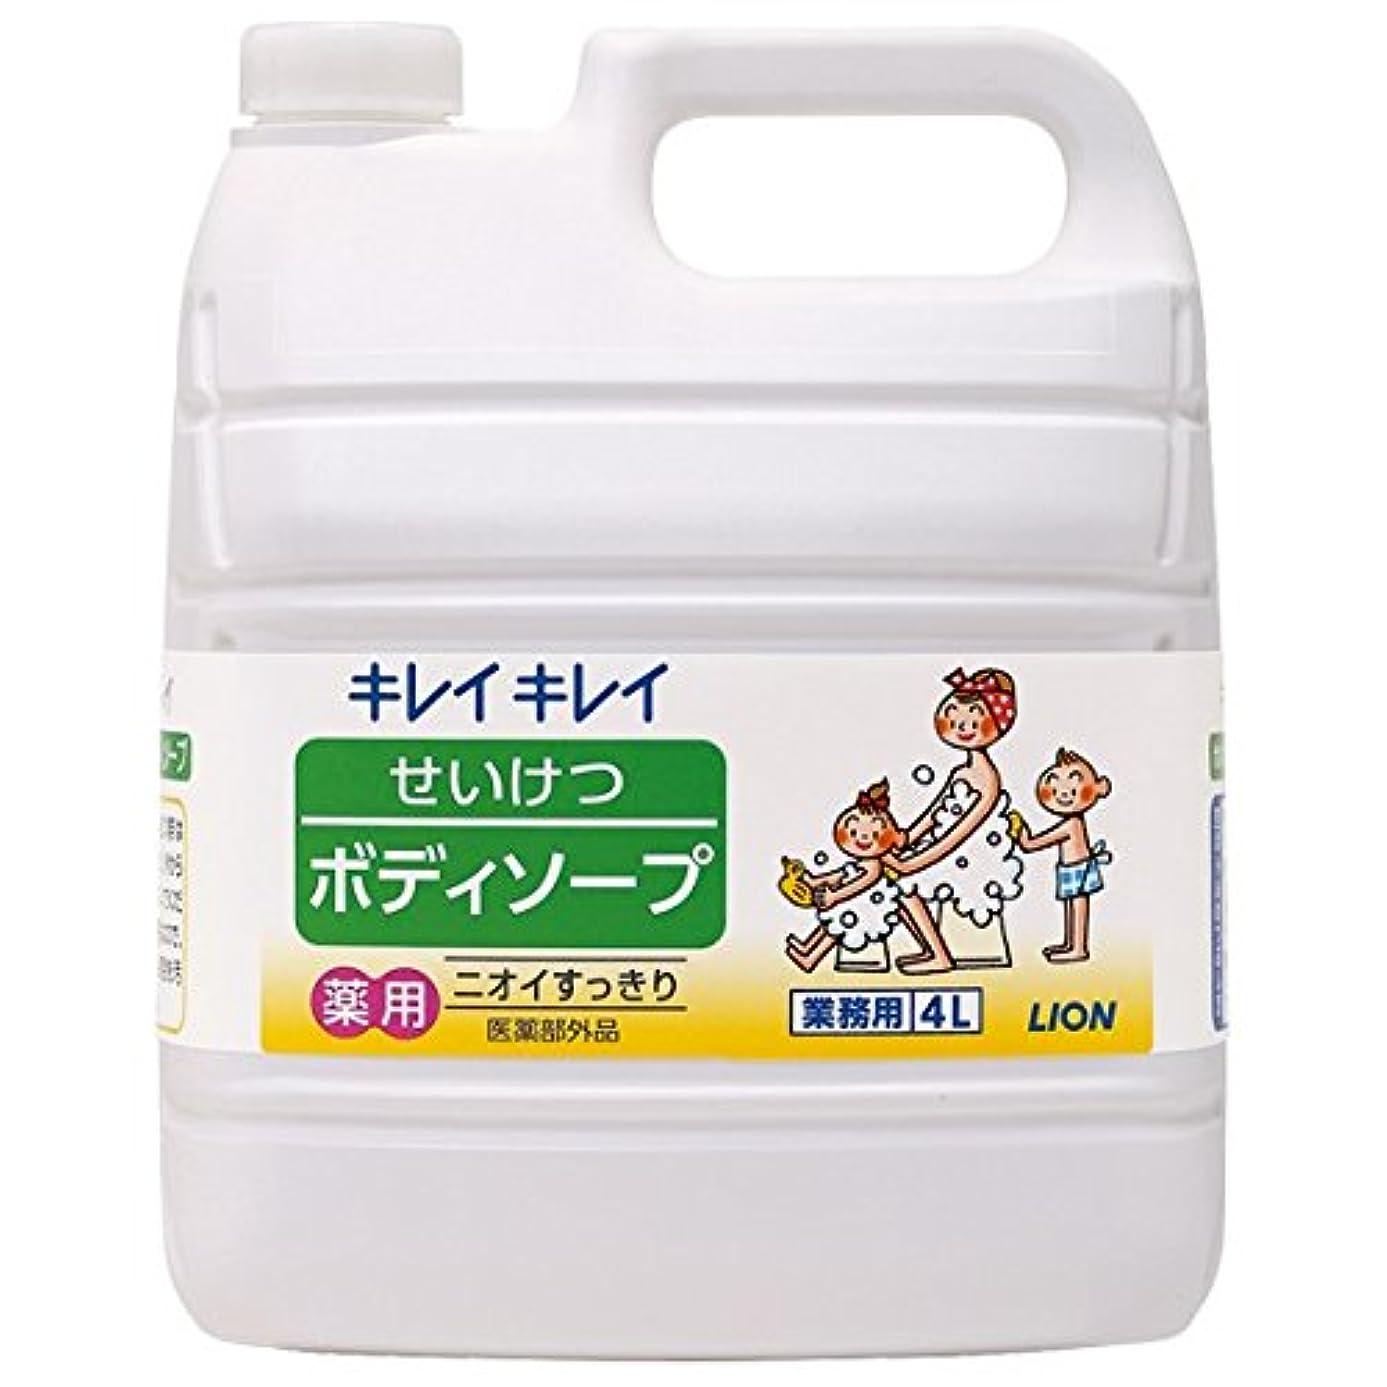 農業拘束ランチョンライオン キレイキレイ せいけつボディソープ さわやかなレモン&オレンジの香り 業務用 4L×3本